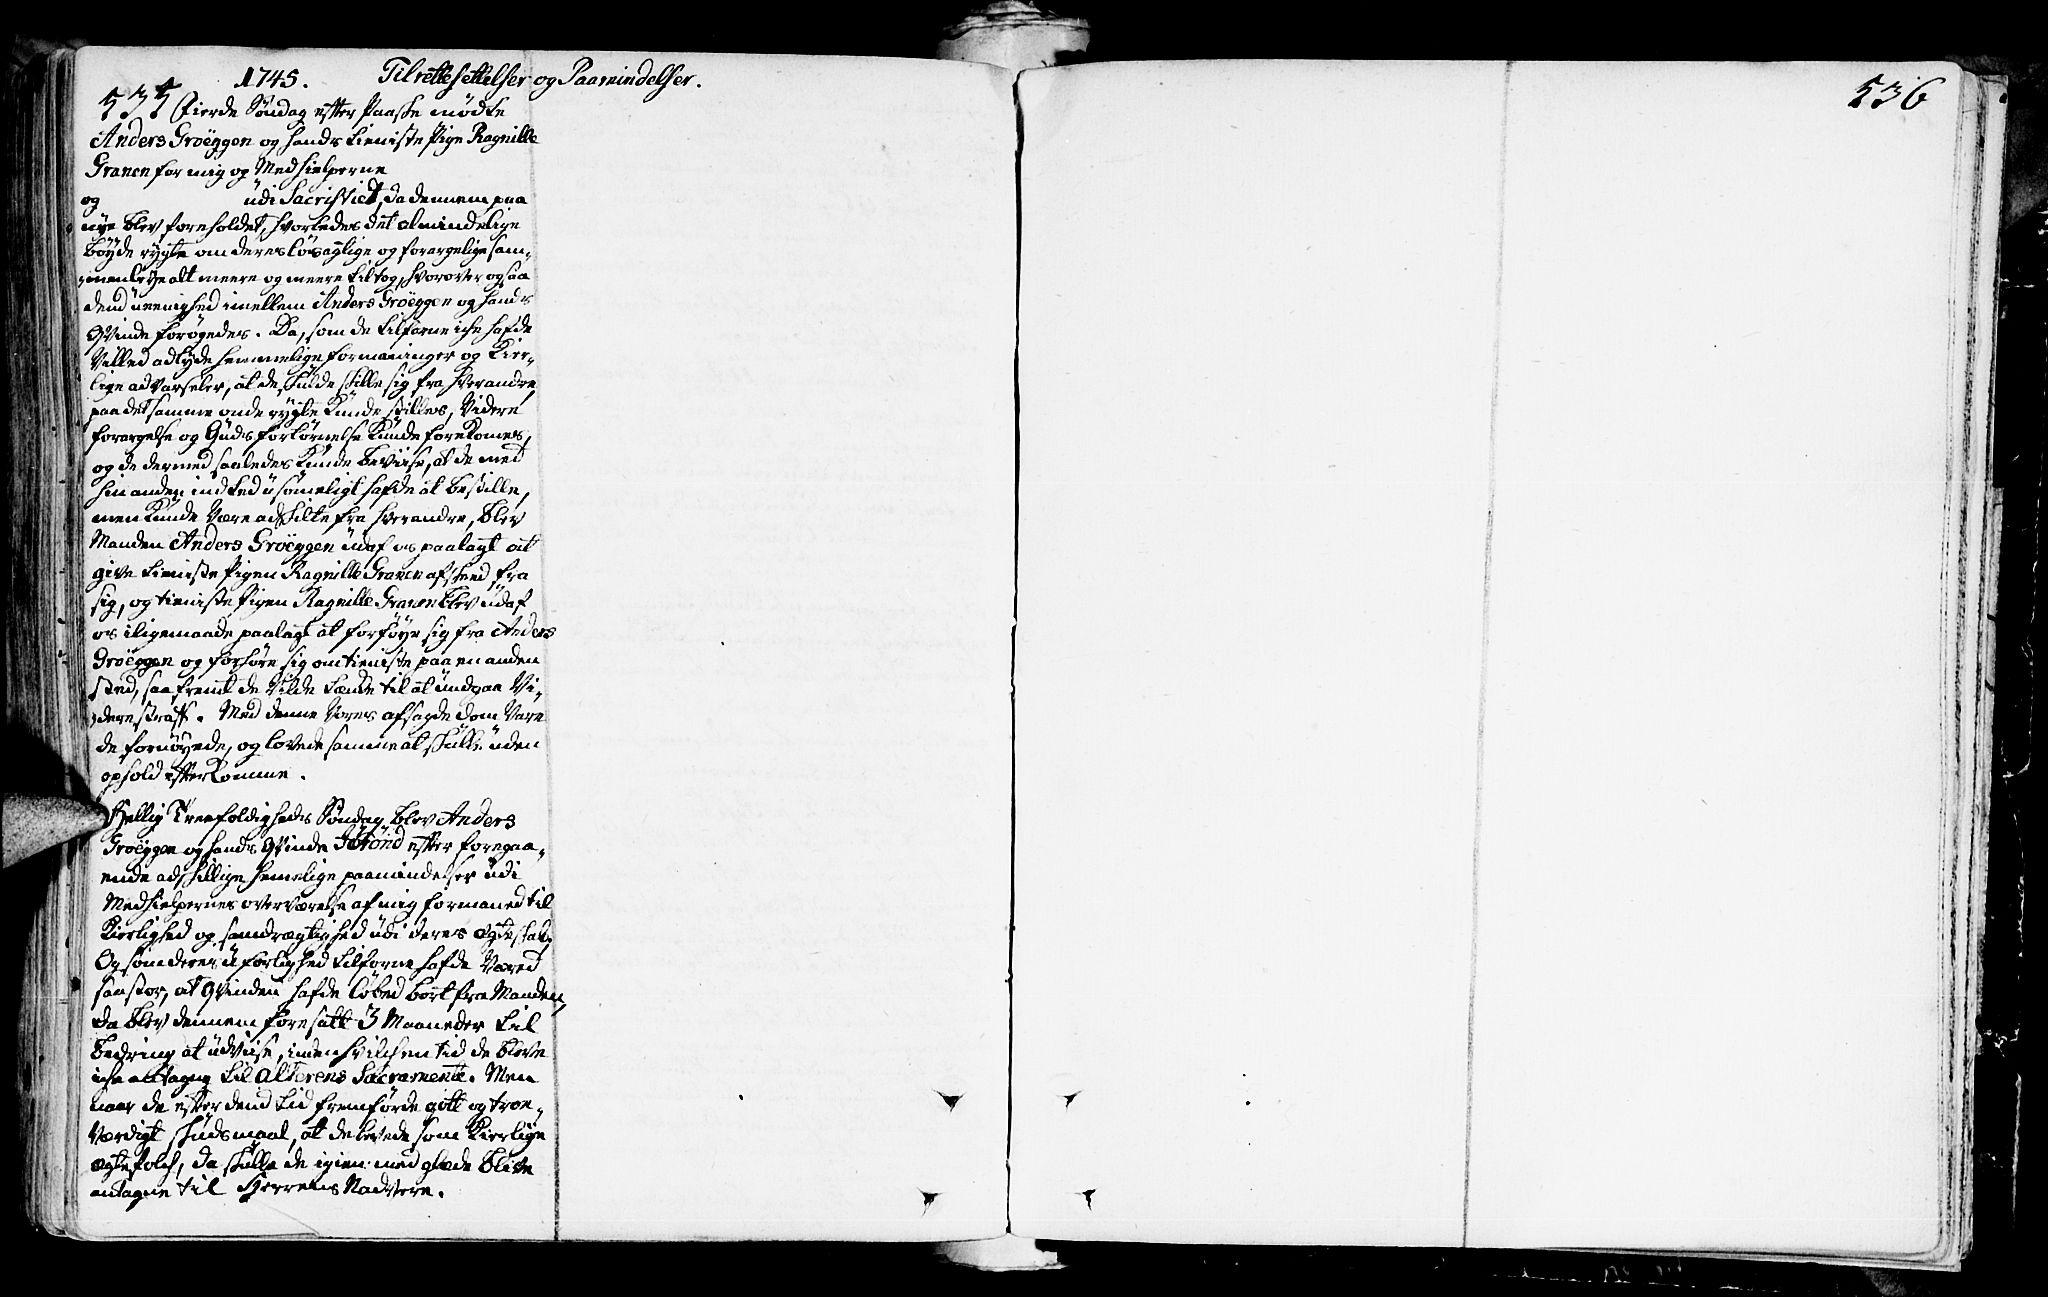 SAT, Ministerialprotokoller, klokkerbøker og fødselsregistre - Sør-Trøndelag, 672/L0850: Ministerialbok nr. 672A03, 1725-1751, s. 535-536